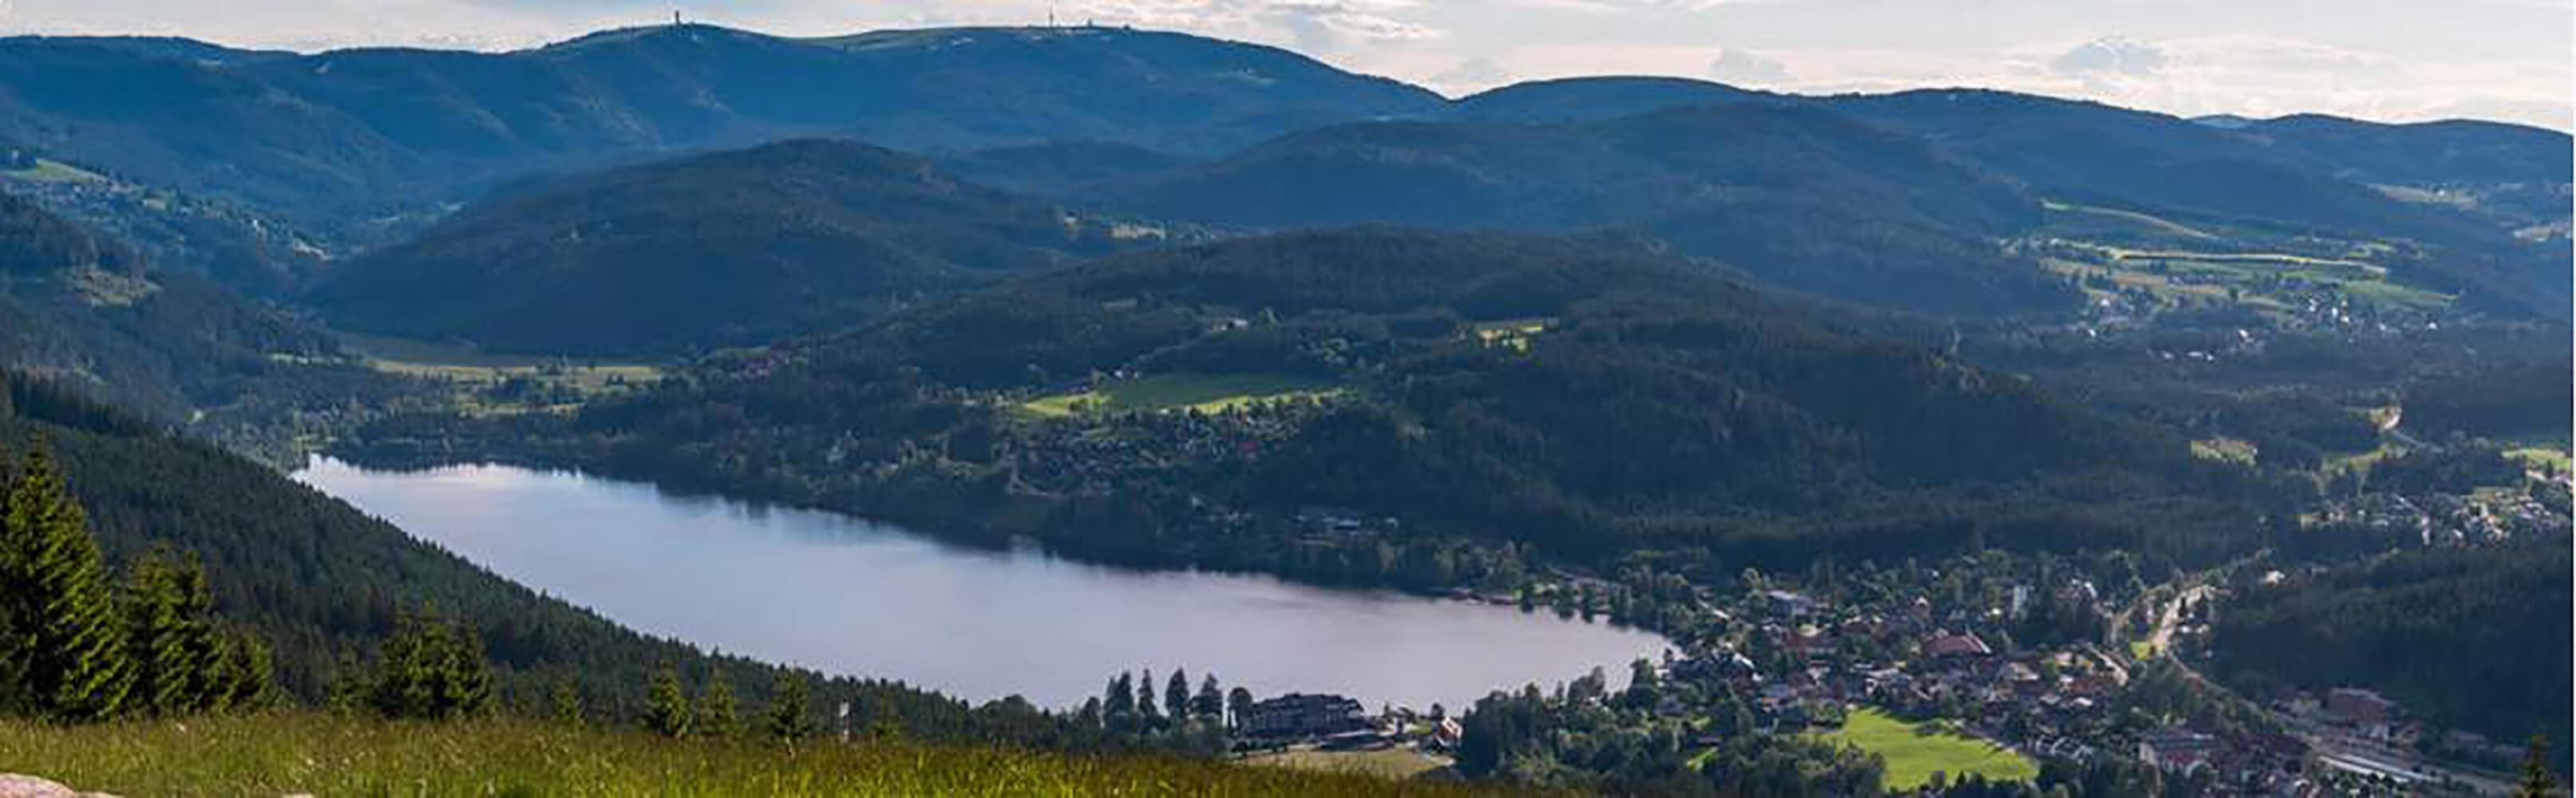 Titisee-Neustadt im Hochschwarzwald 1